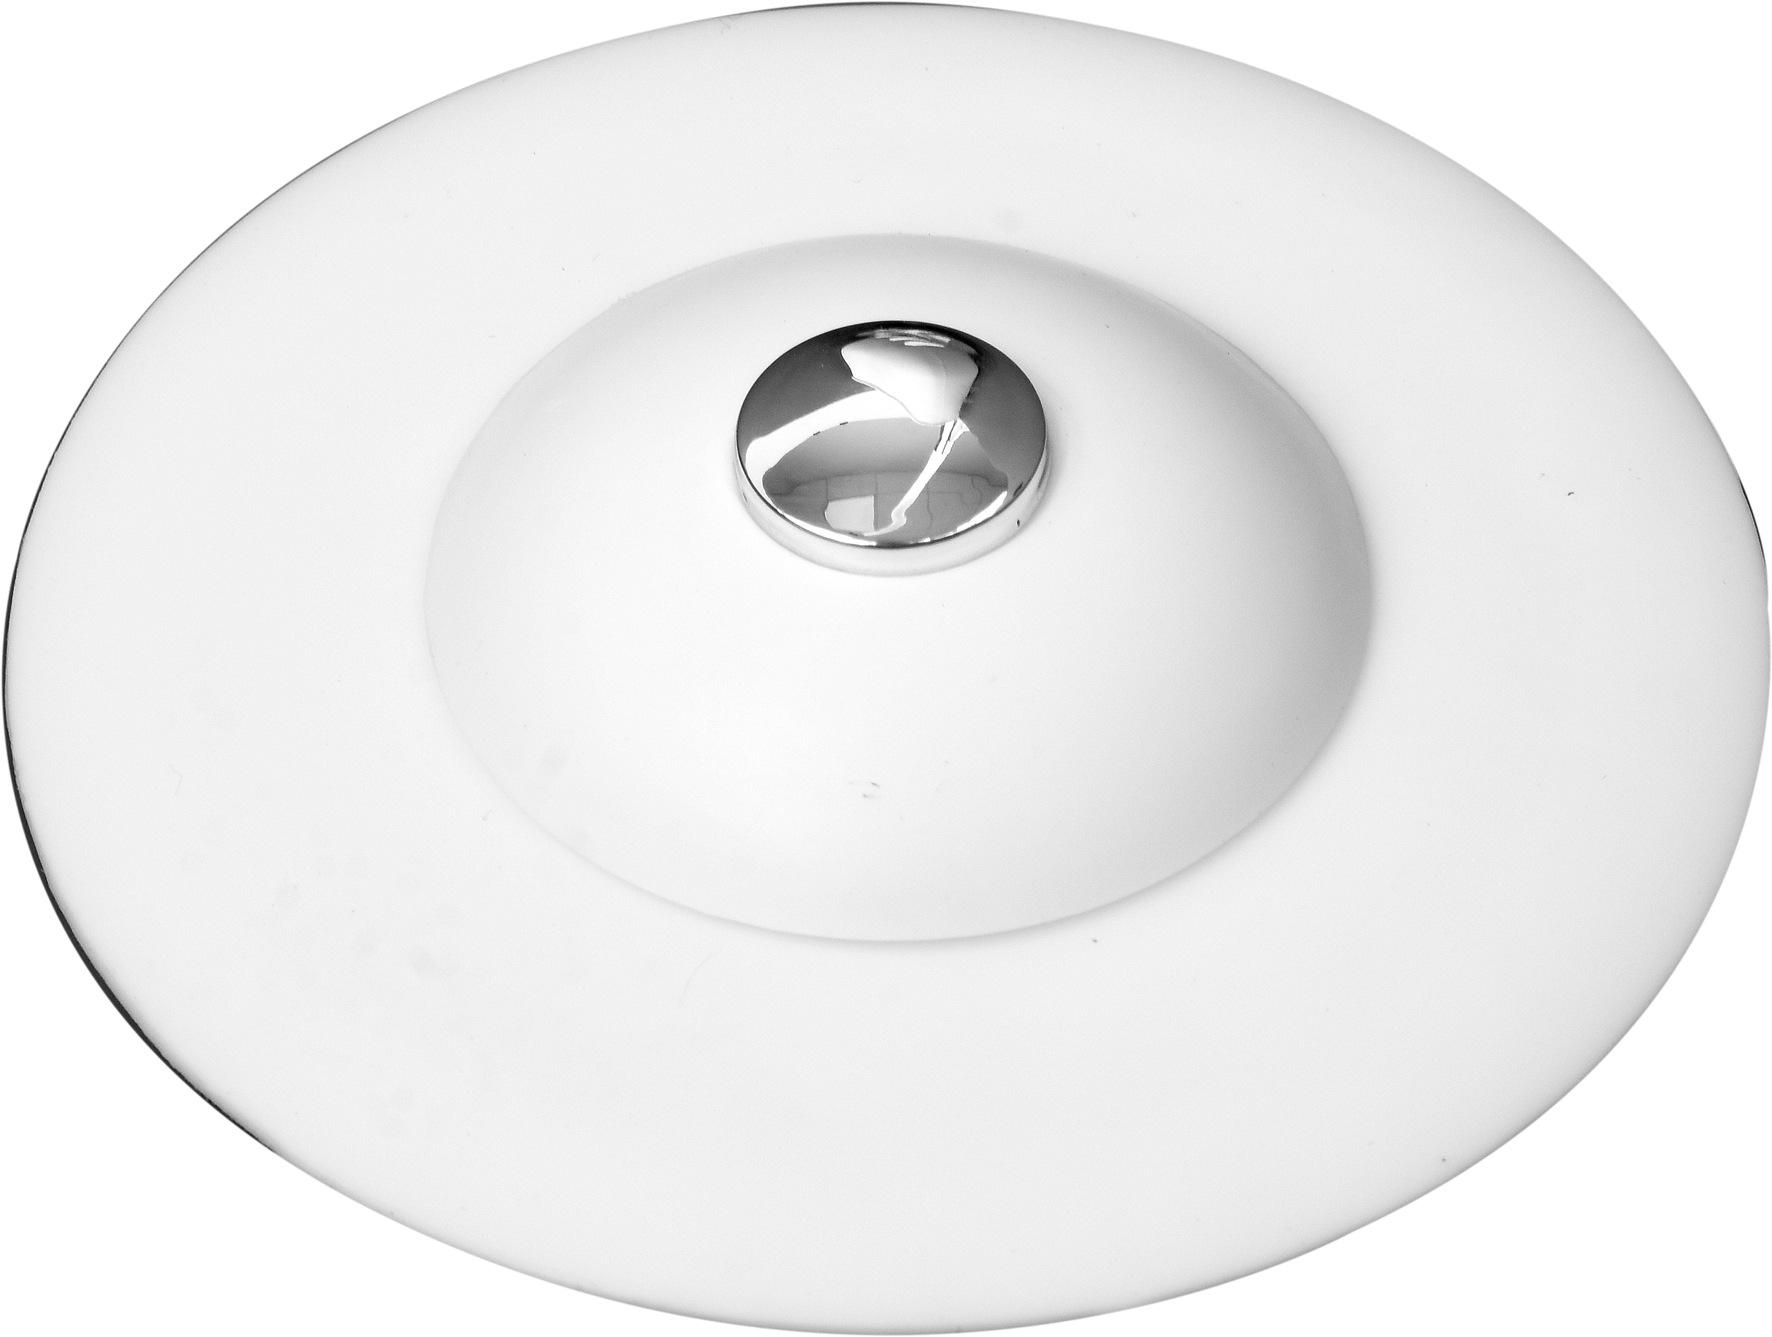 Výpusť umyvadlová silikonová s filtrem bílá